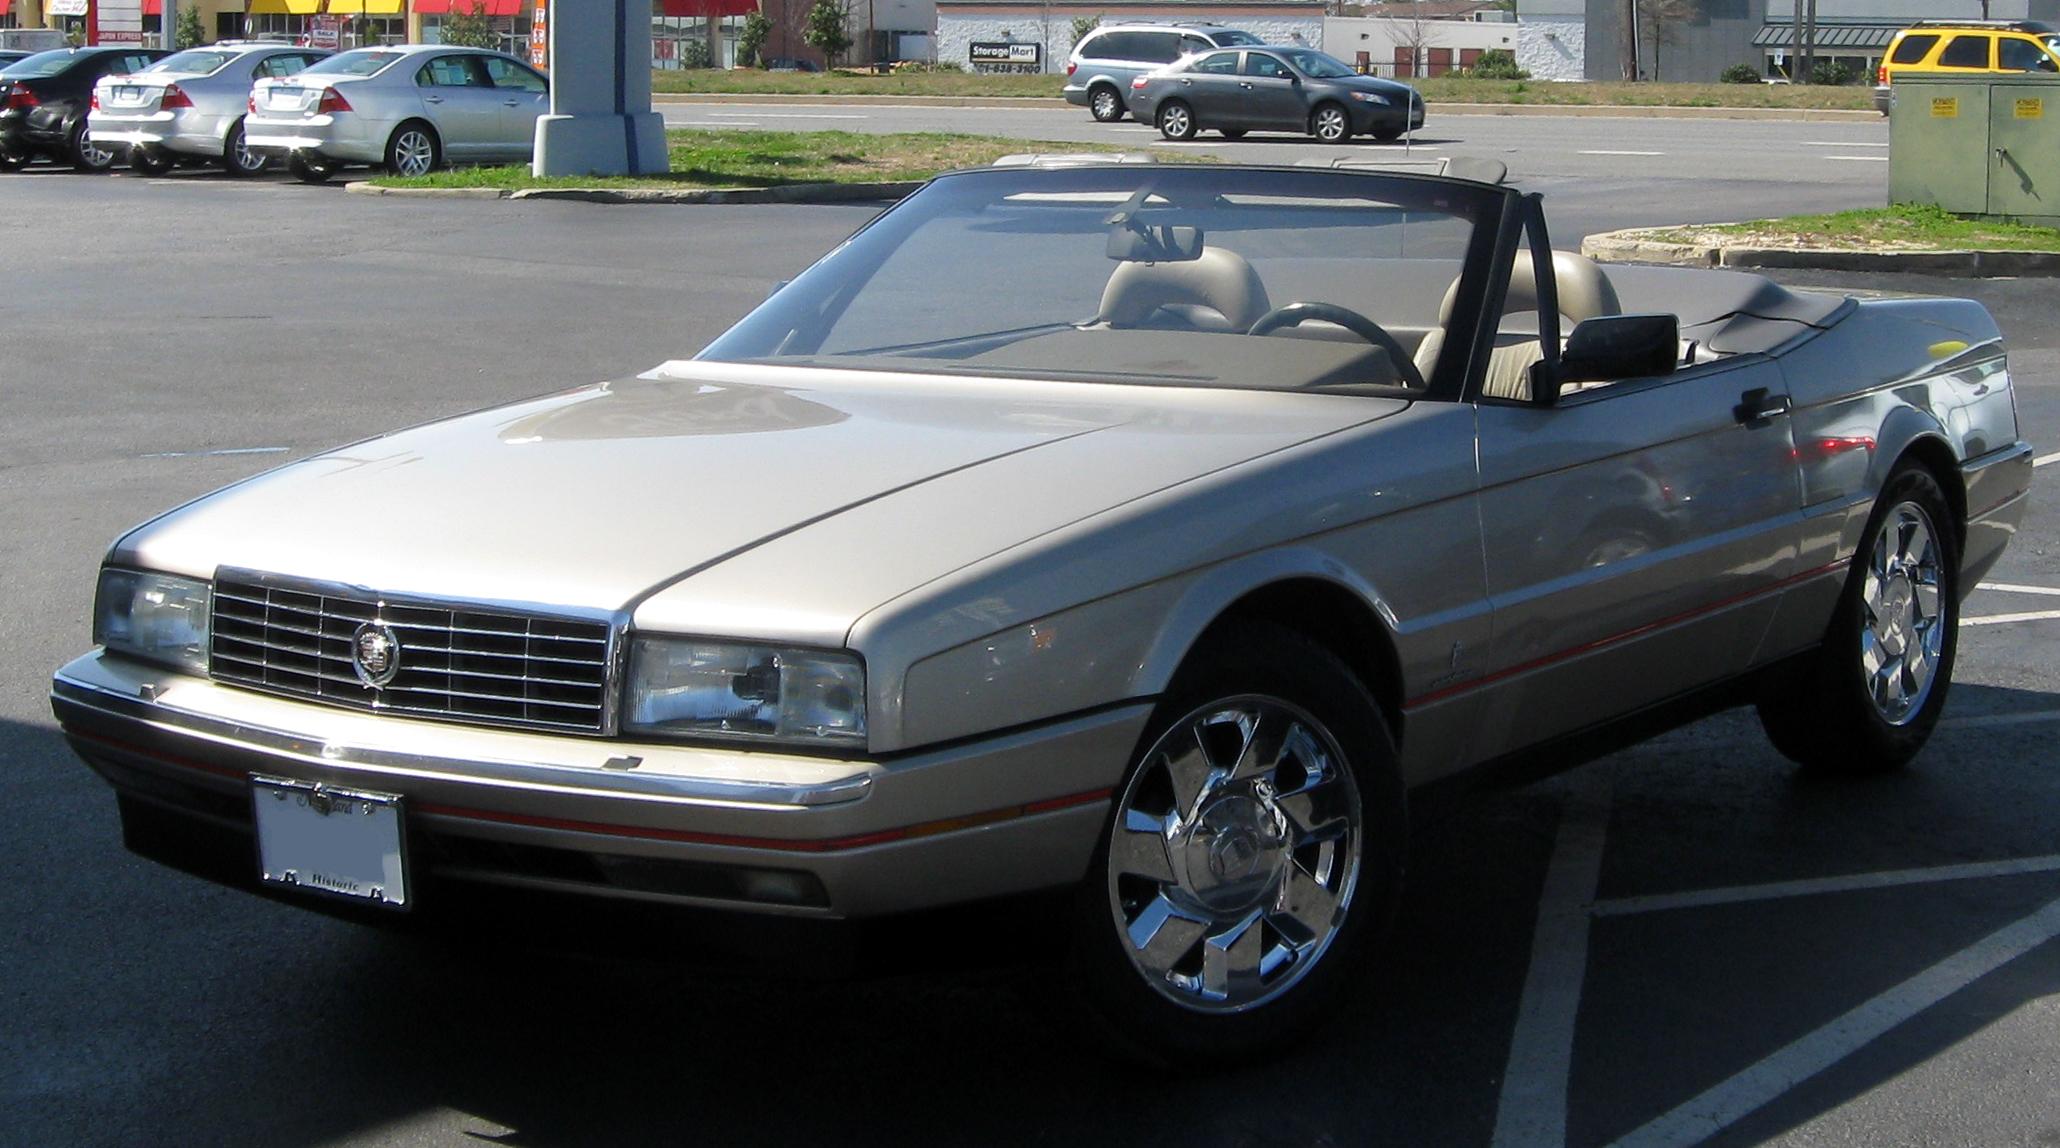 File:Cadillac Allante -- 03-14-2012 1.JPG - Wikimedia Commons